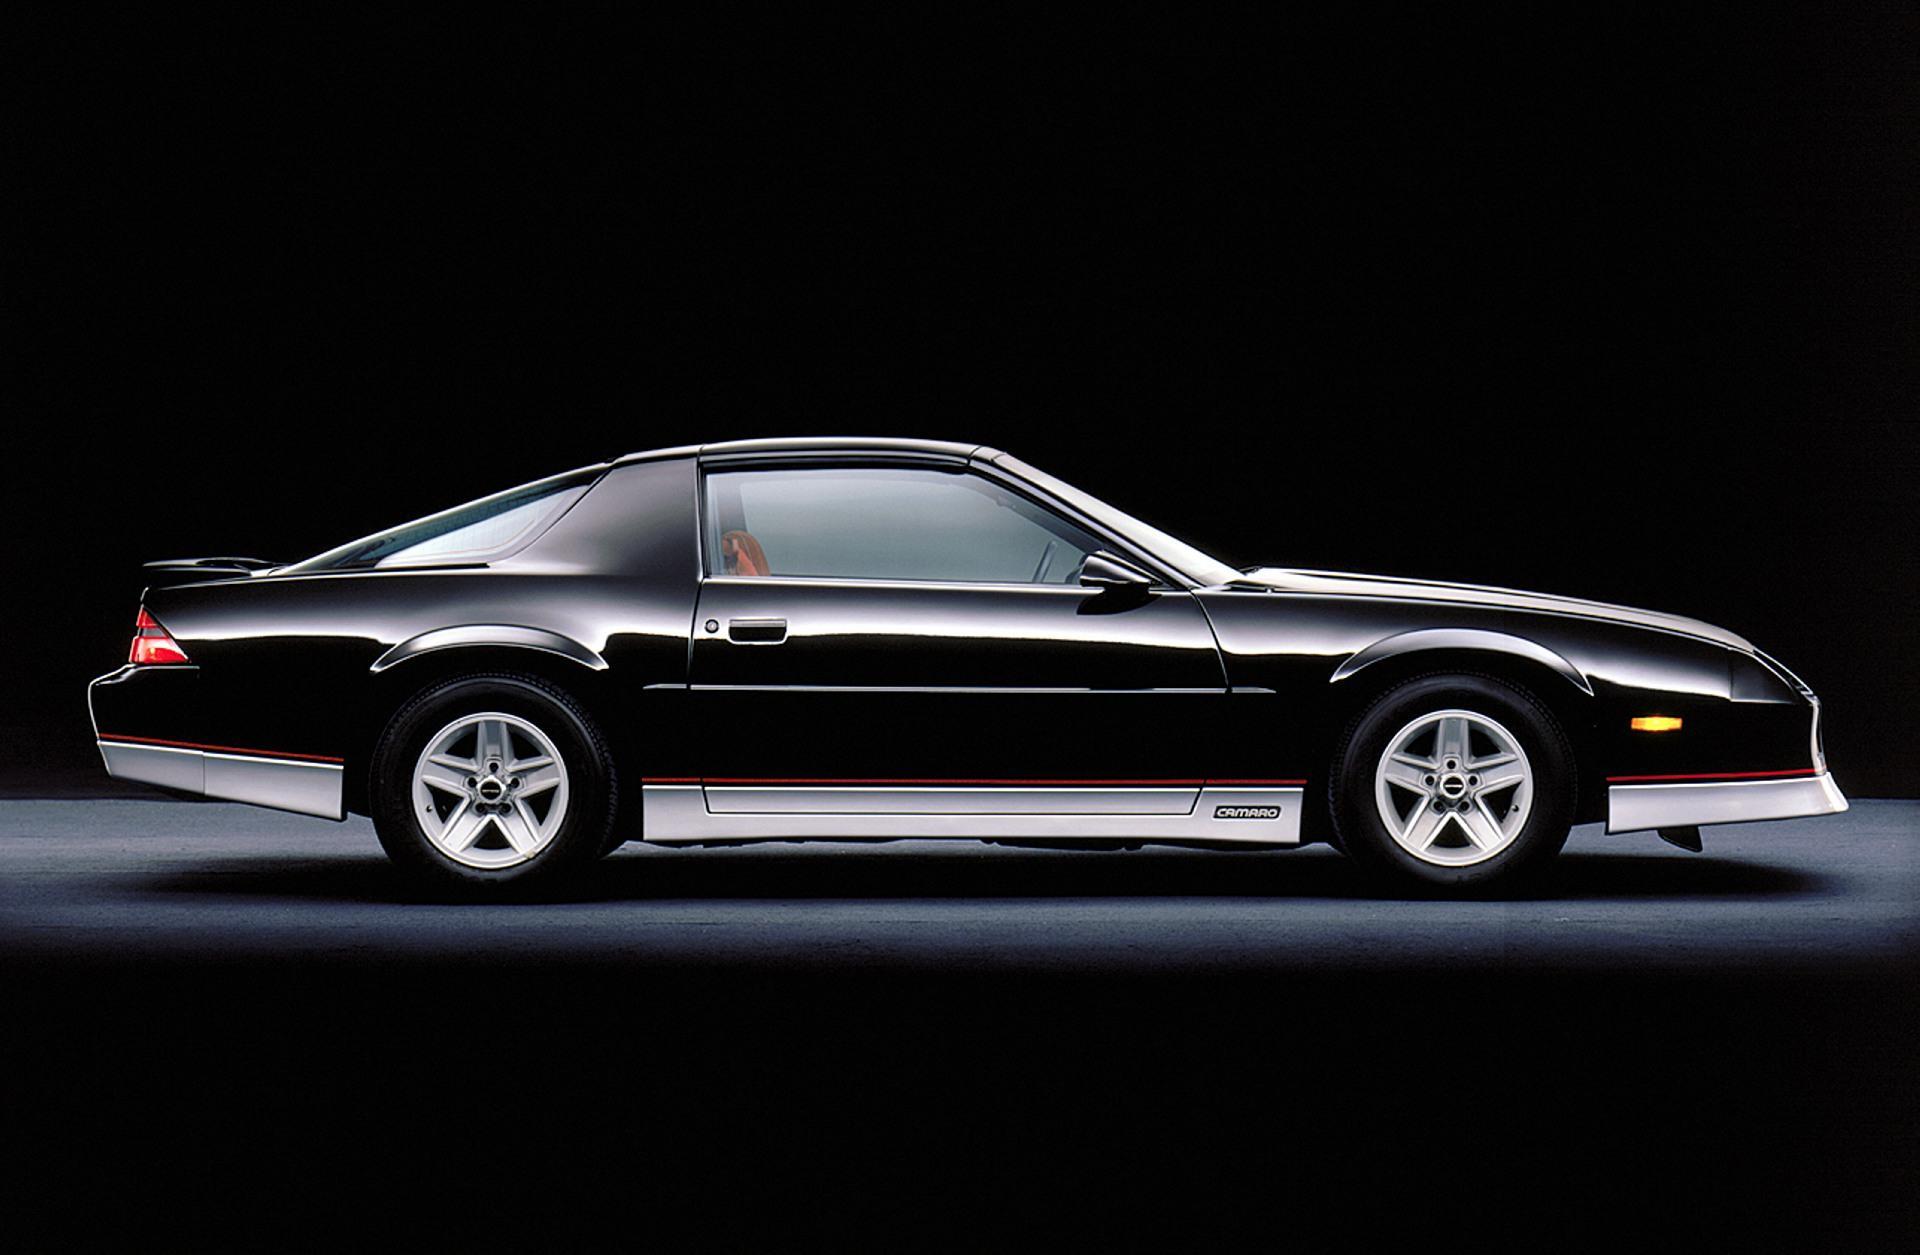 1988 Chevrolet Camaro Conceptcarz Com